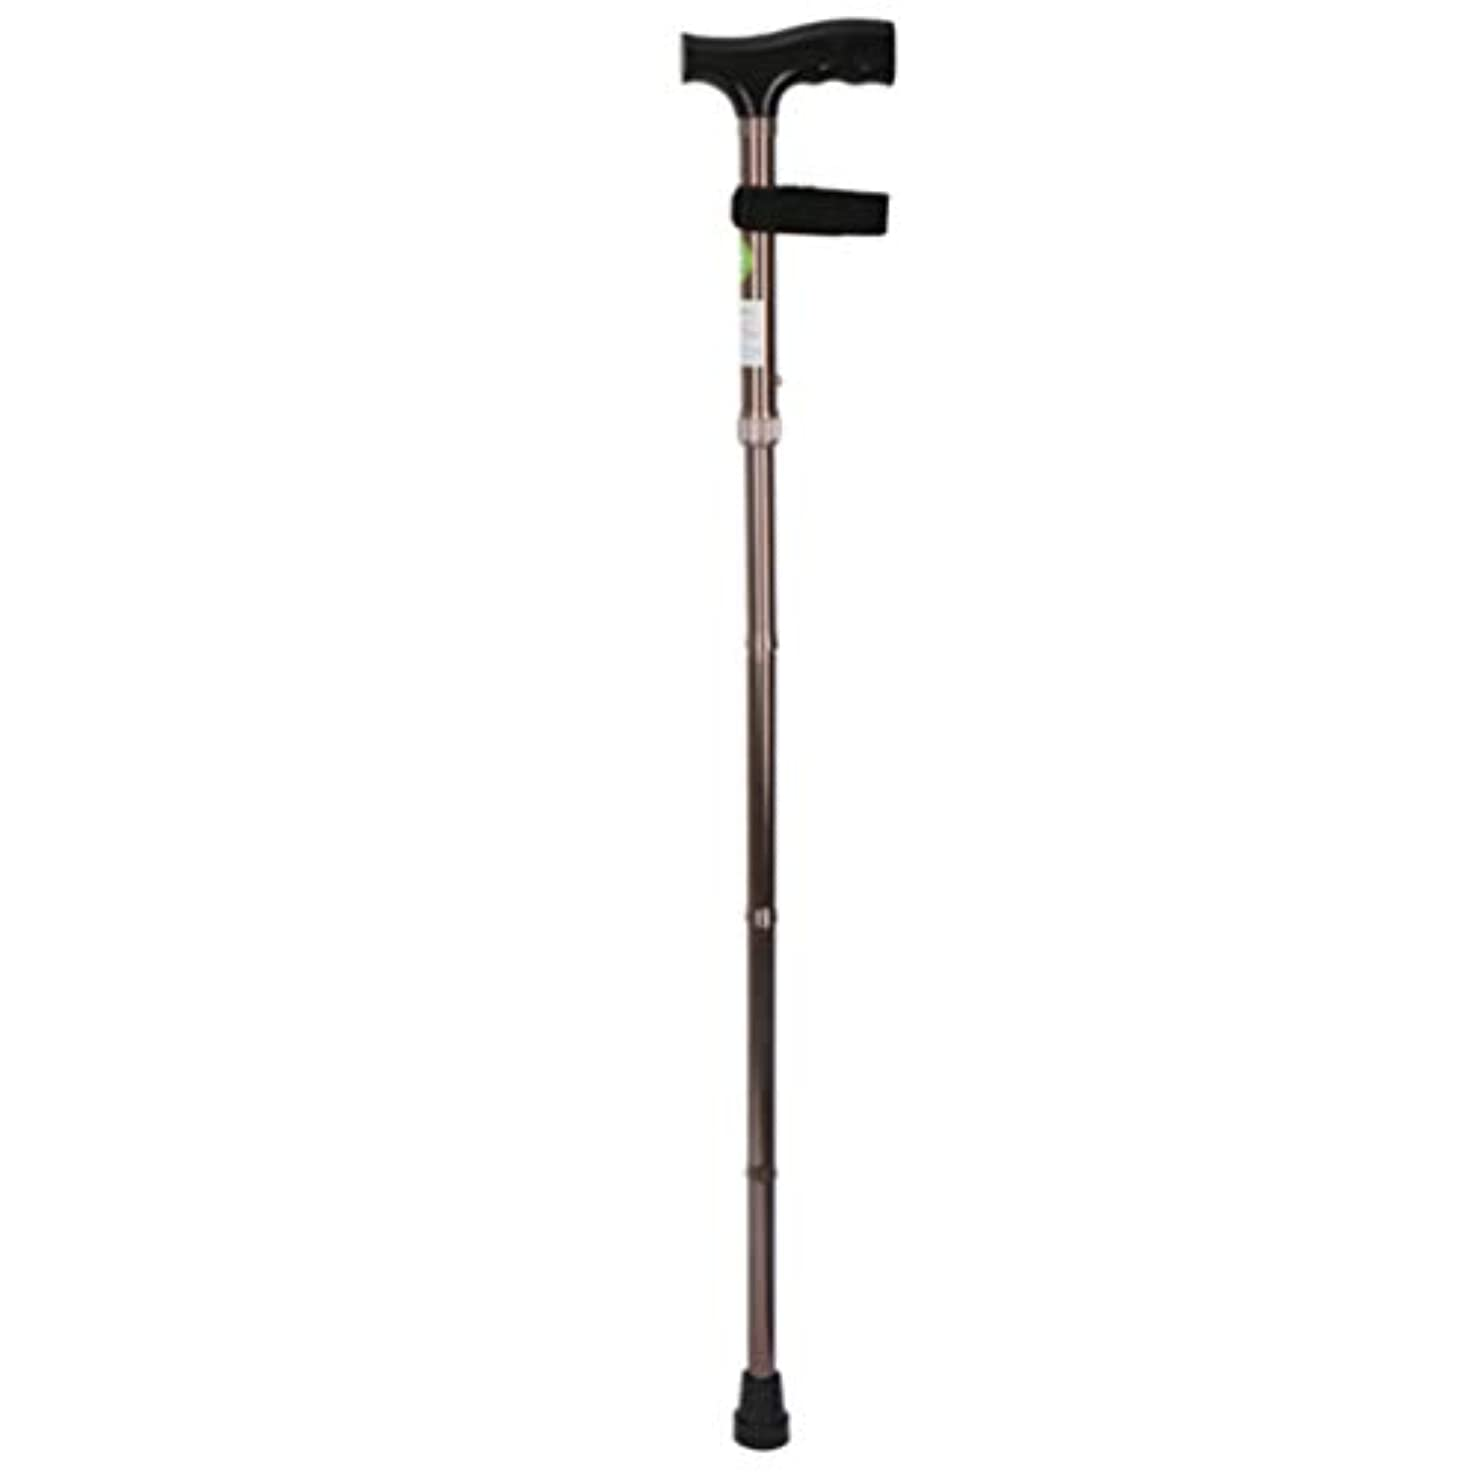 タイマー建築家黒人年配の杖折りたたみ式、滑り止めのフィートのマットが付いている高さ調節可能な杖、滑り止めの杖アルミ合金材料、高齢者および身体障害者用,Green